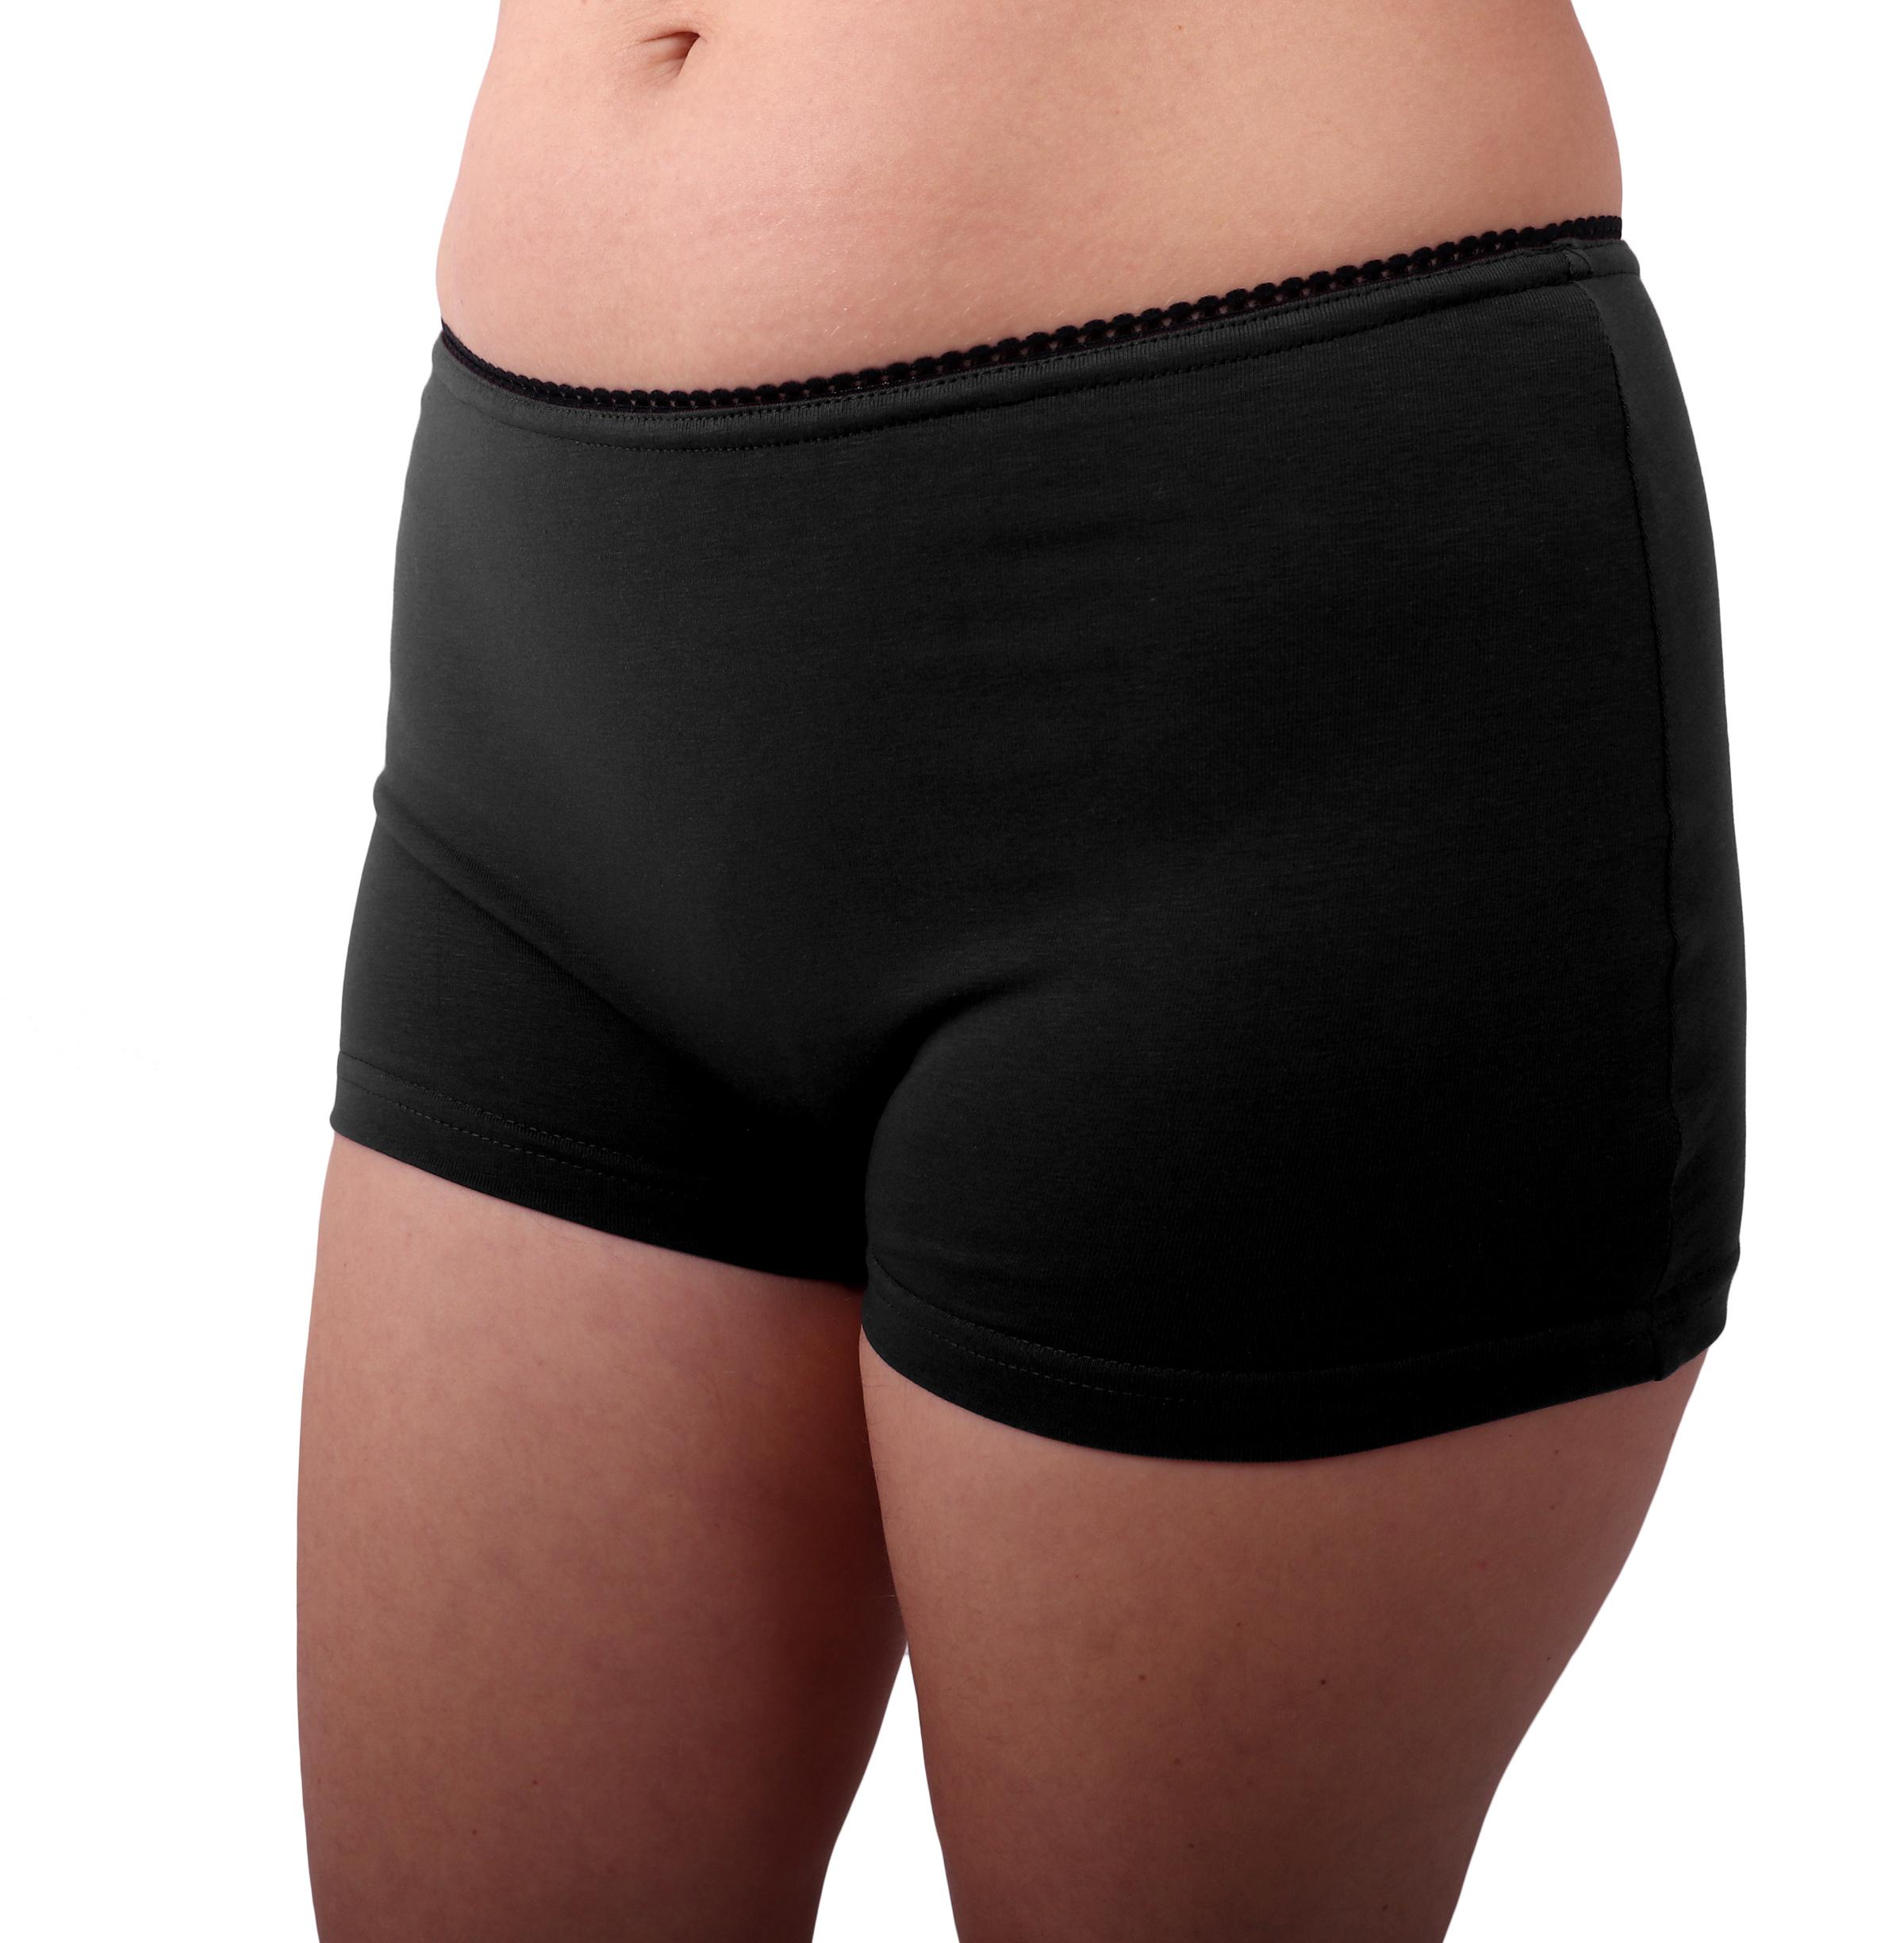 Dámské kalhotky bavlněné, nohavičkové, černé, 46